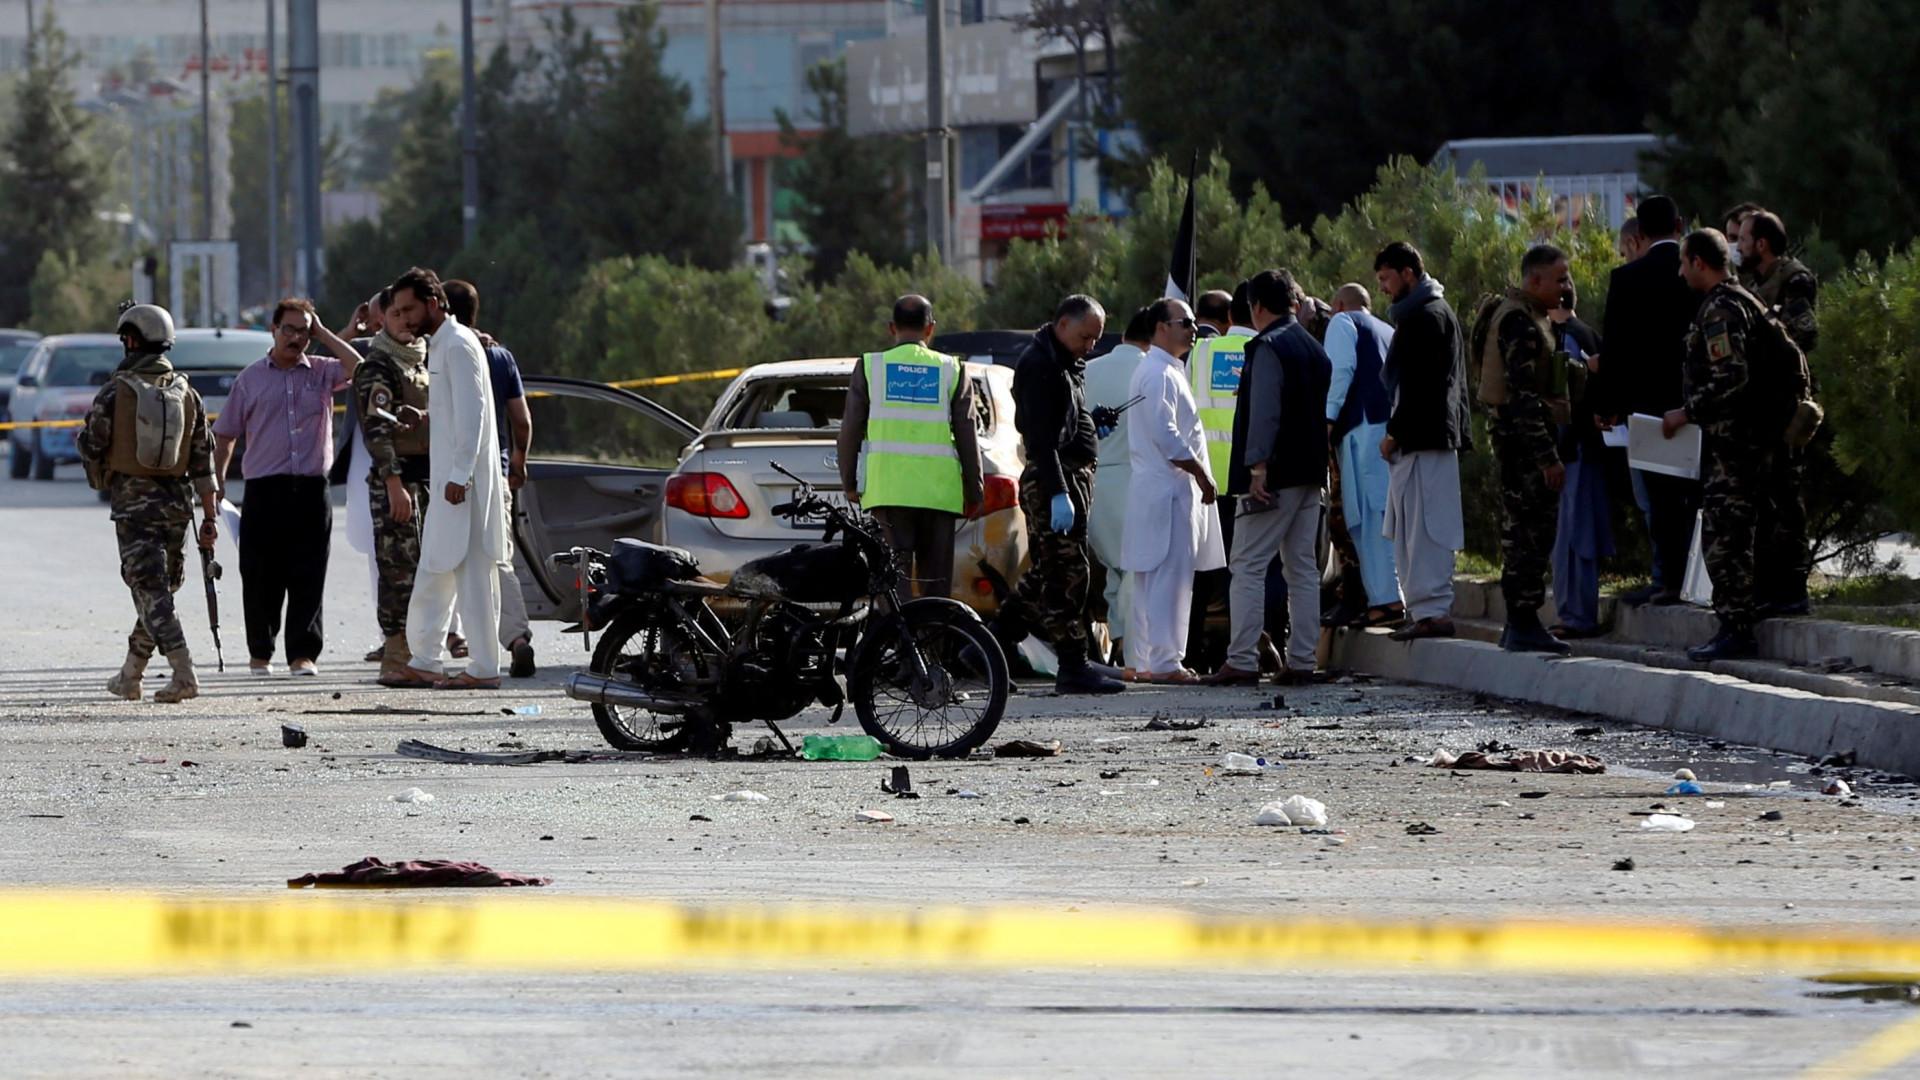 Balanço de mortos em ataque no Afeganistão sobe para 68 vítimas